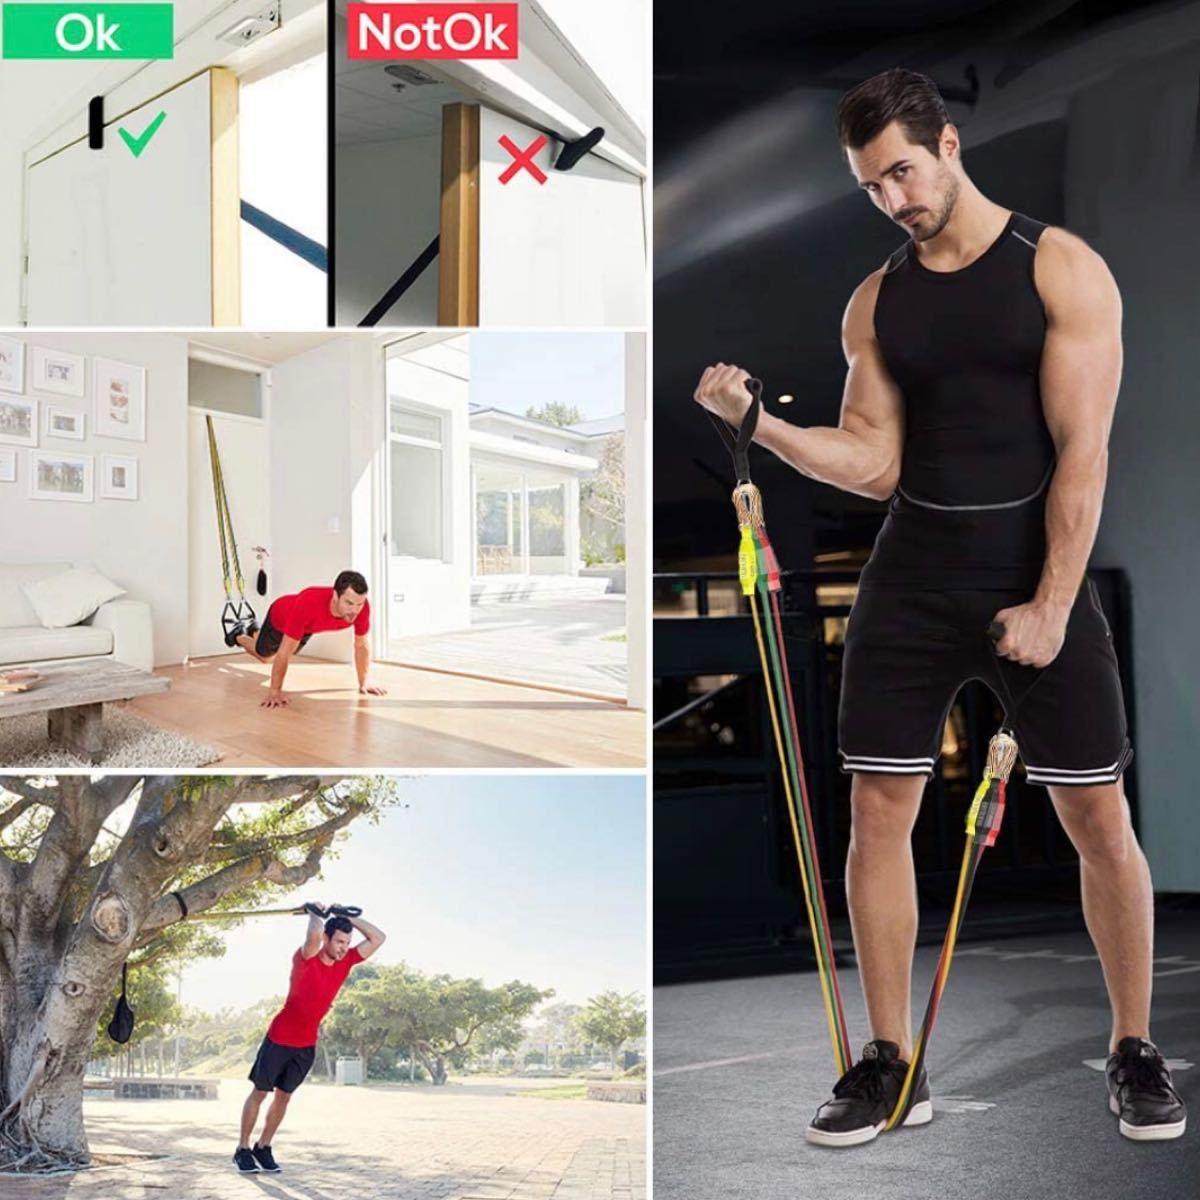 トレーニングチューブ 超強化 腕、背中、脚、胸部、腹部、臀部用の6本 耐破損設計